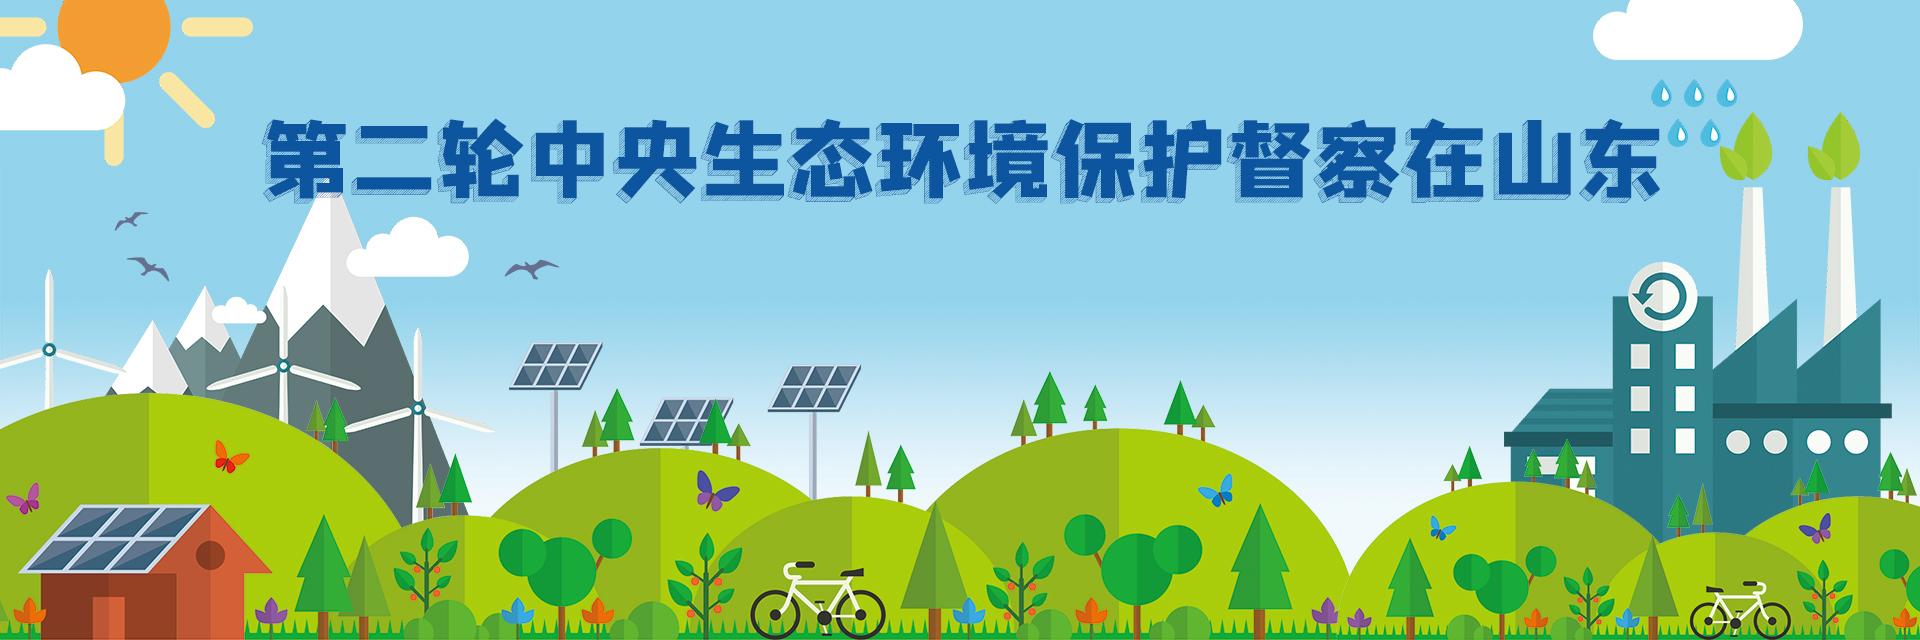 第二轮中央生态环境保护督察在山东